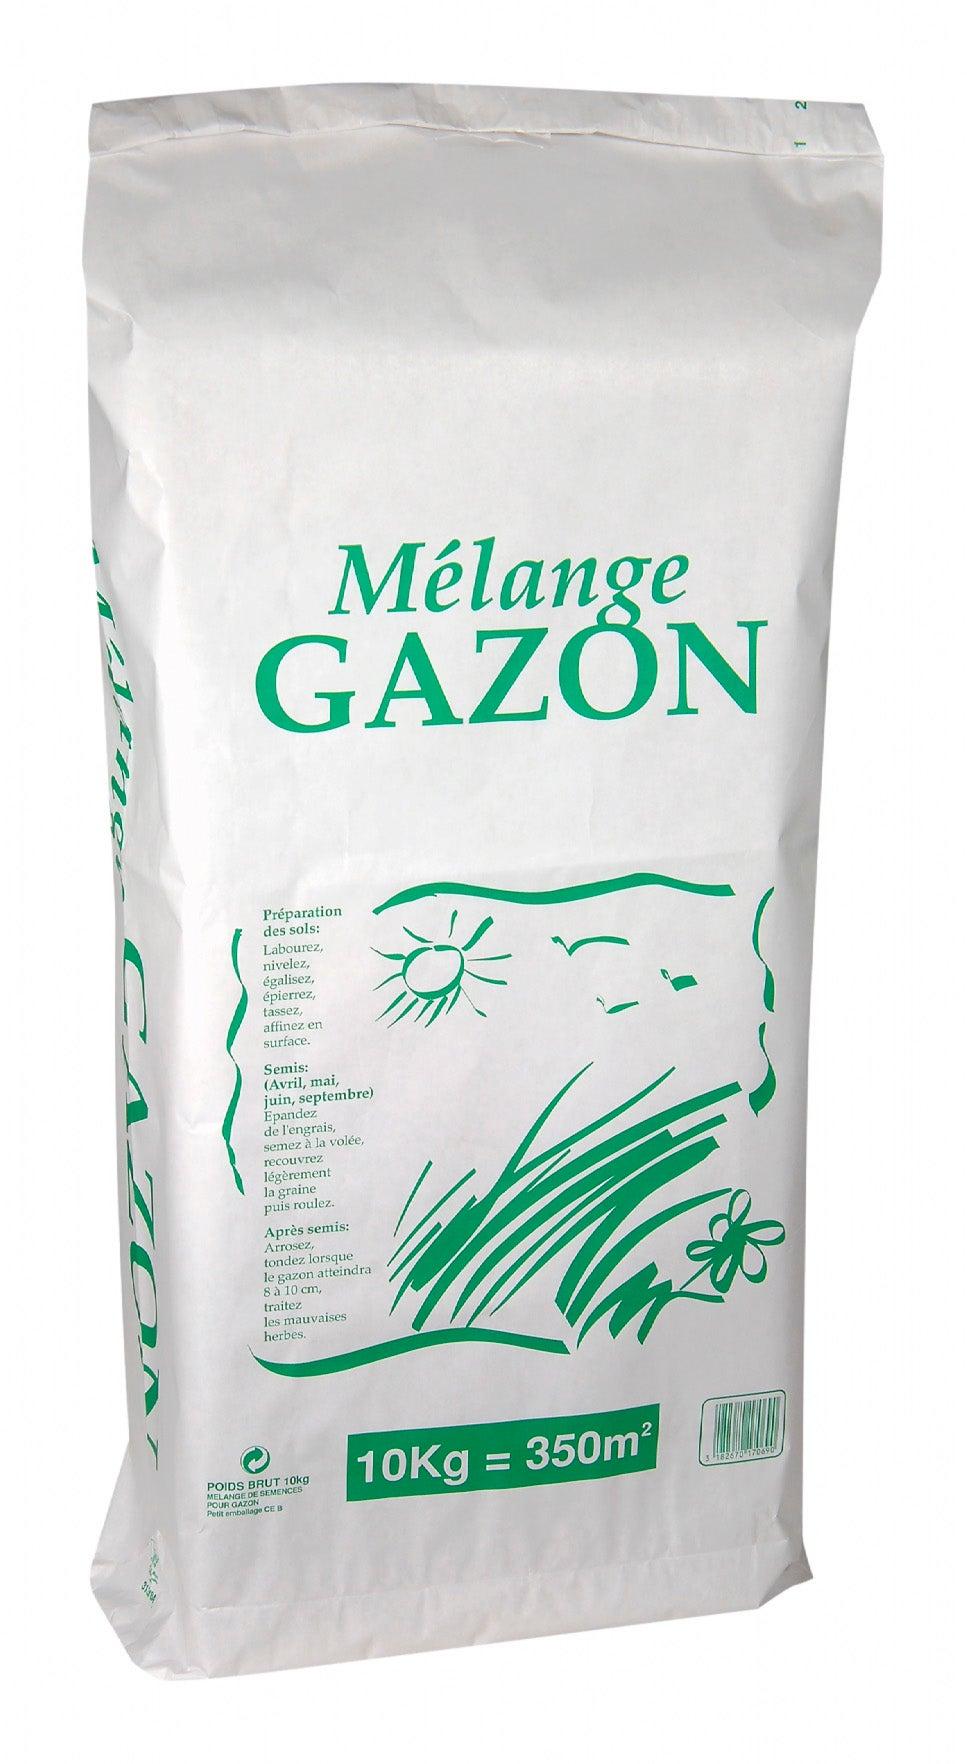 Calcaire de pelouse et calcaire de jardin 200-400m2 chaux de semelle 20 kg